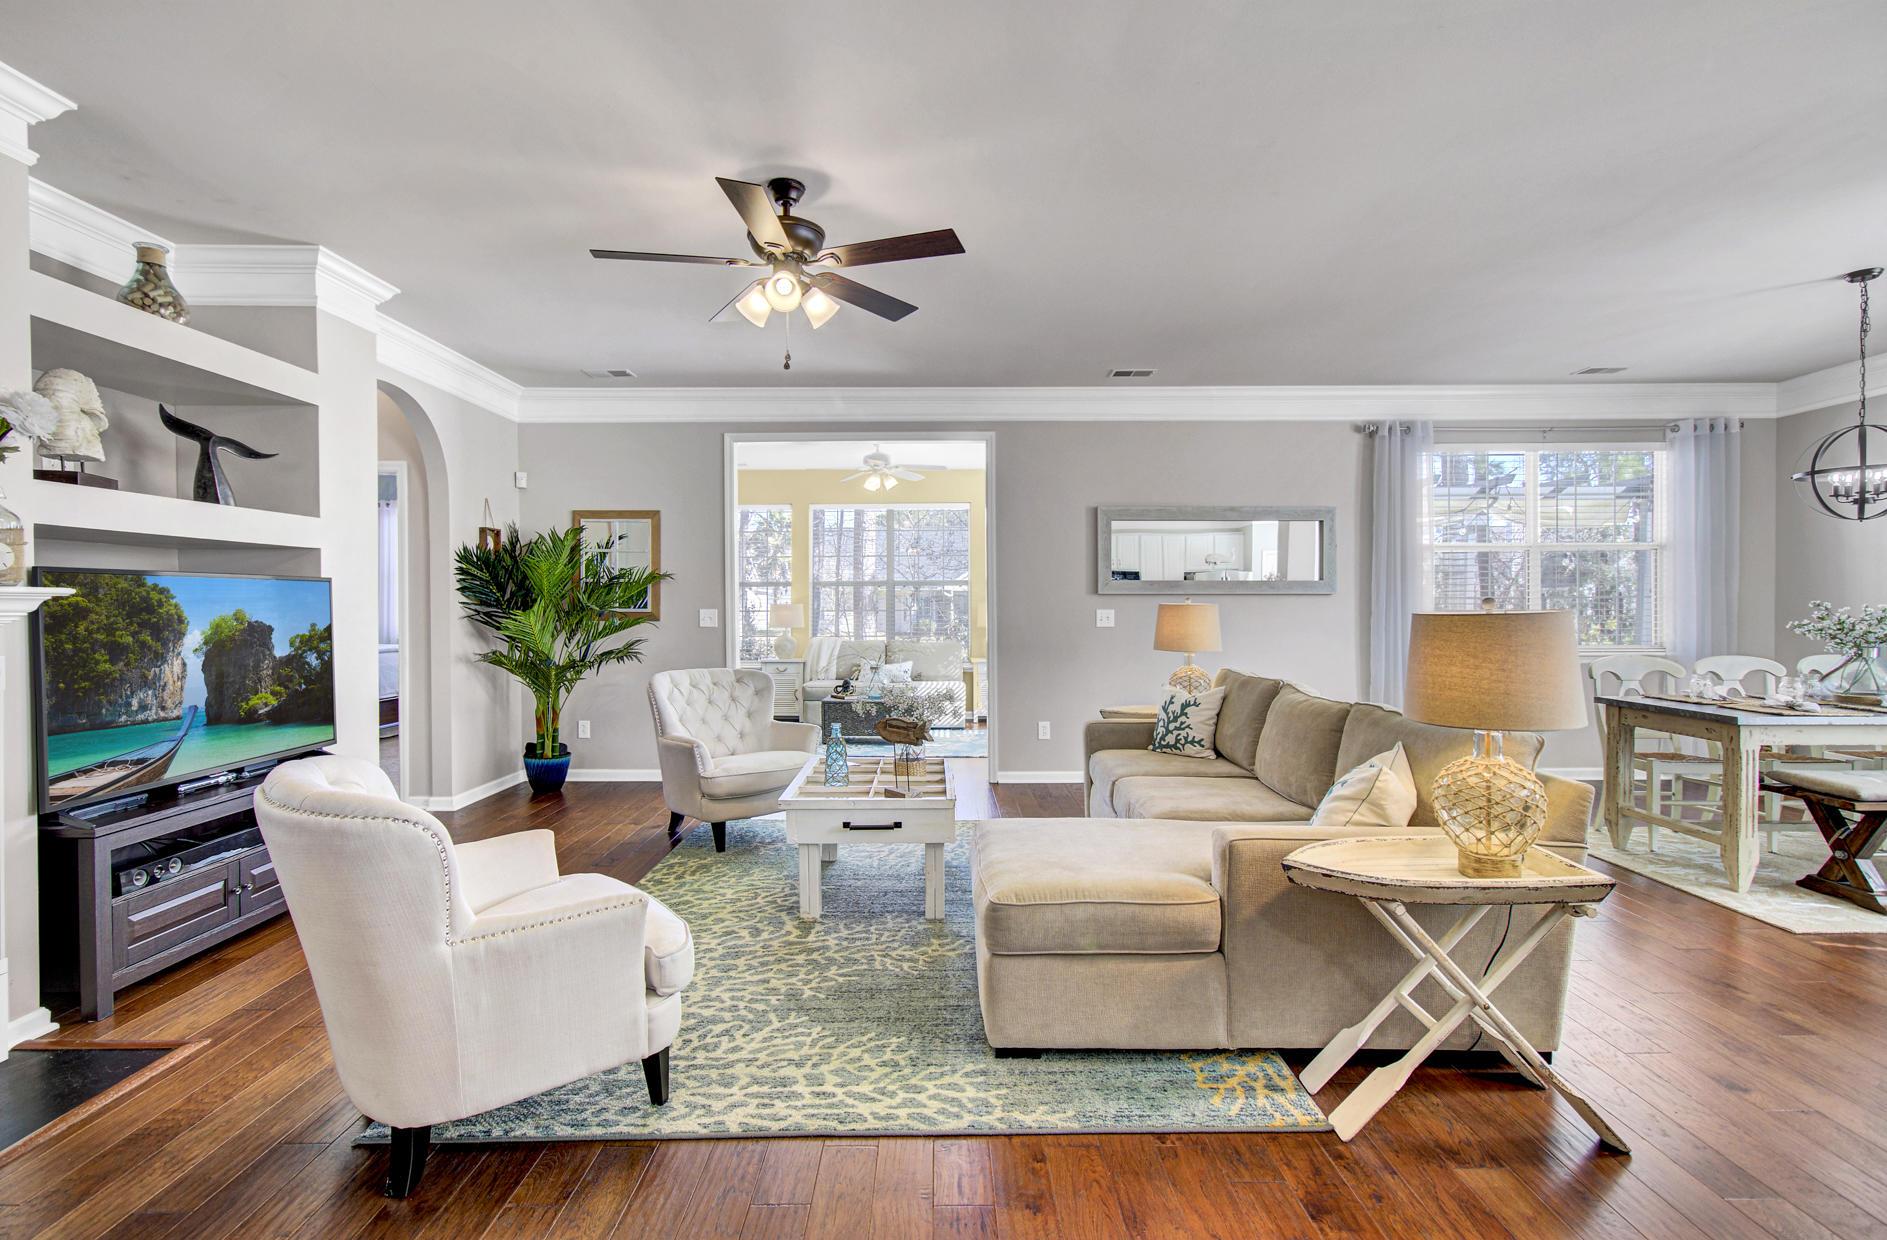 Park West Homes For Sale - 1497 Endicot, Mount Pleasant, SC - 38